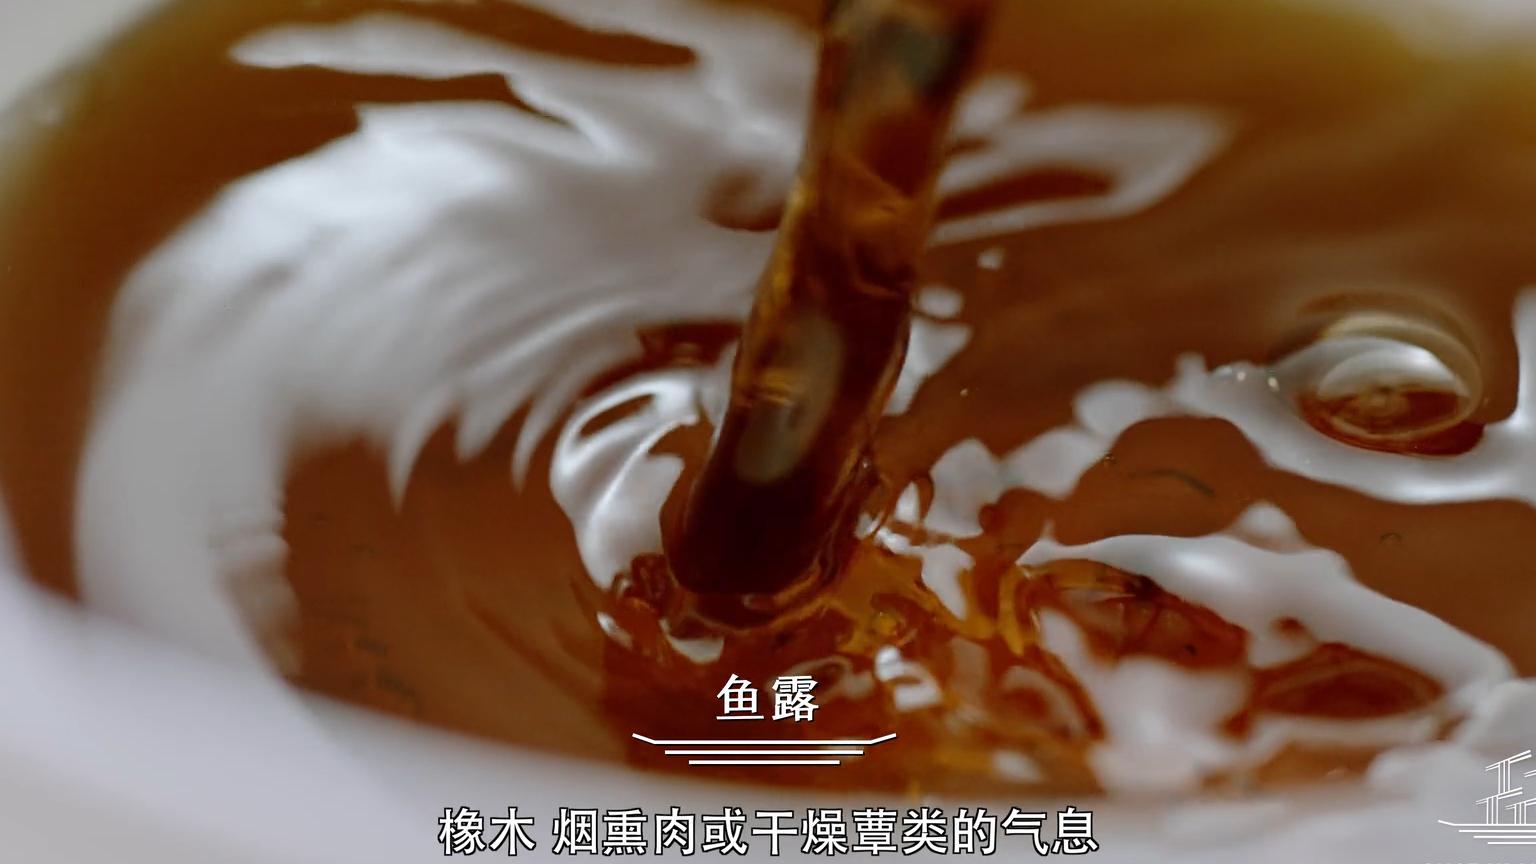 越南:鱼露的制作,其重要程度对东南亚的人民来说堪比酱油!